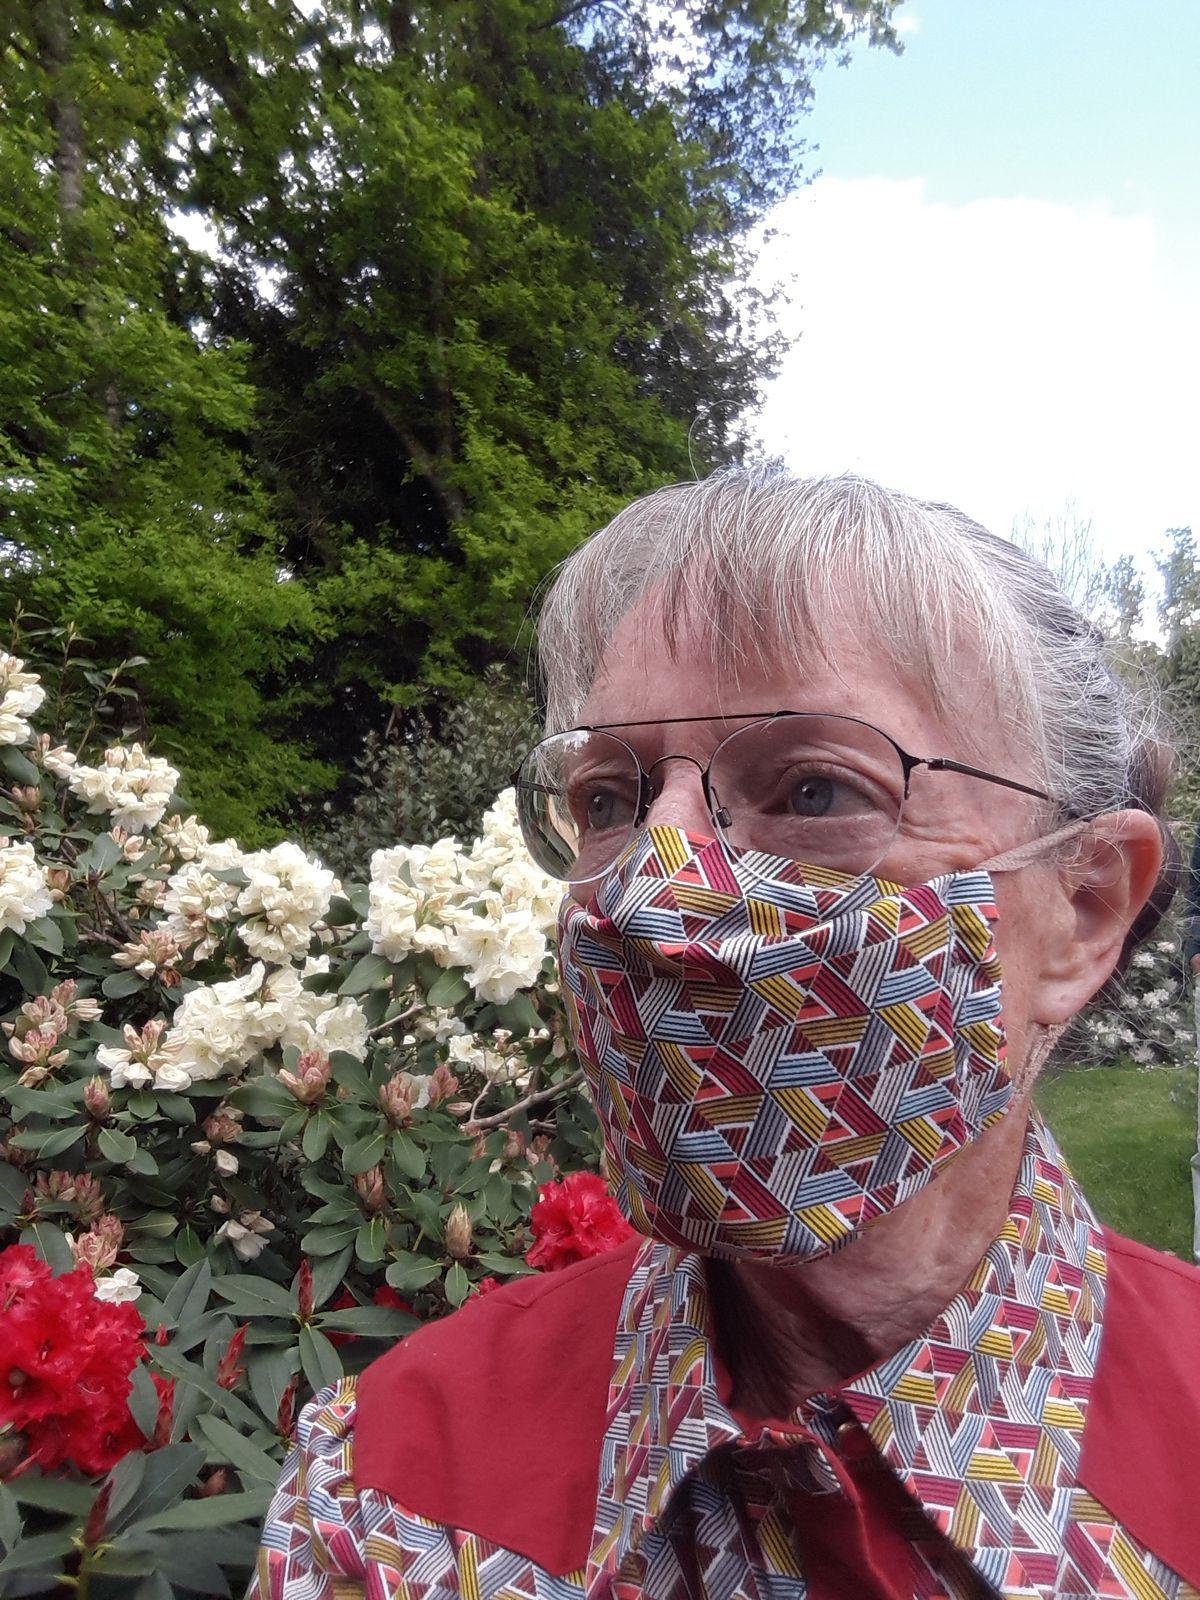 un peu d'humour : les masques de Nadine